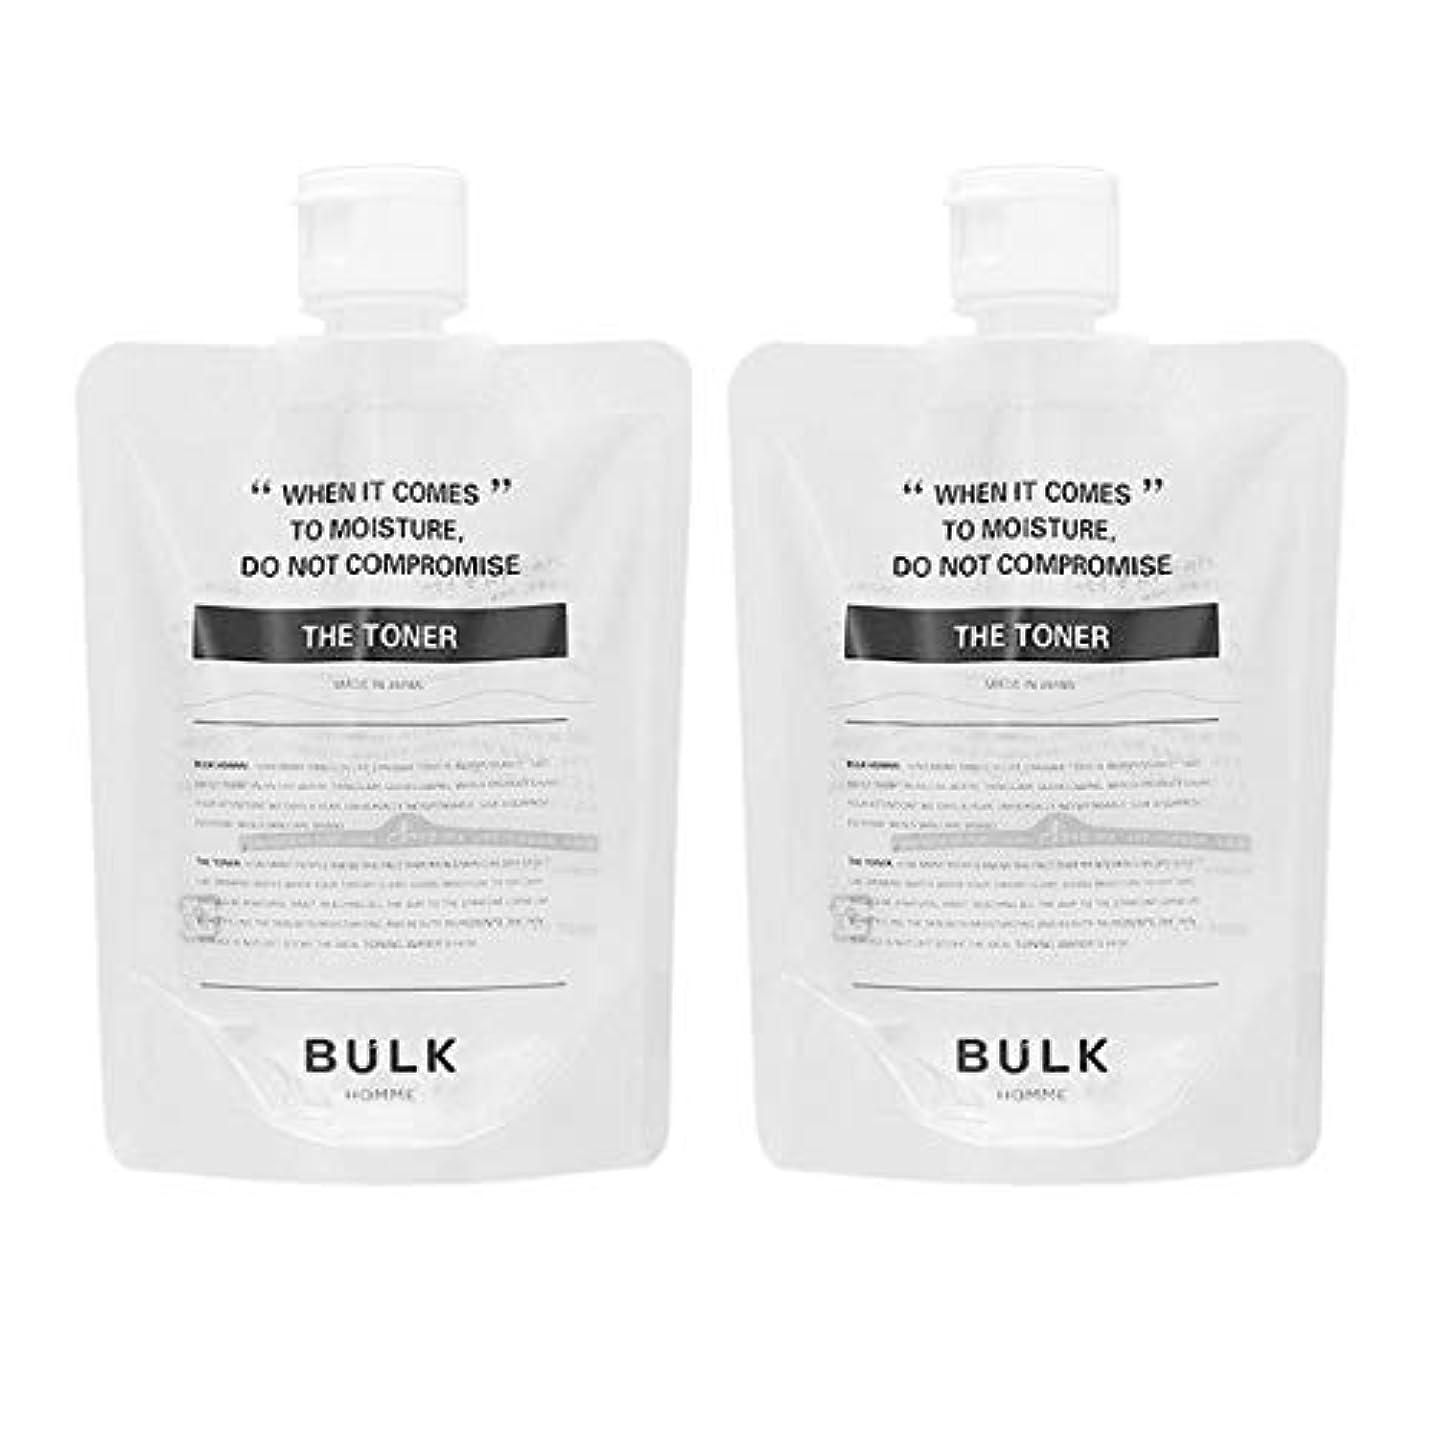 すきばかげた幸運な【セット】バルクオム BULK HOMME ザ トナー 化粧水 200mL 2個セット [並行輸入品]